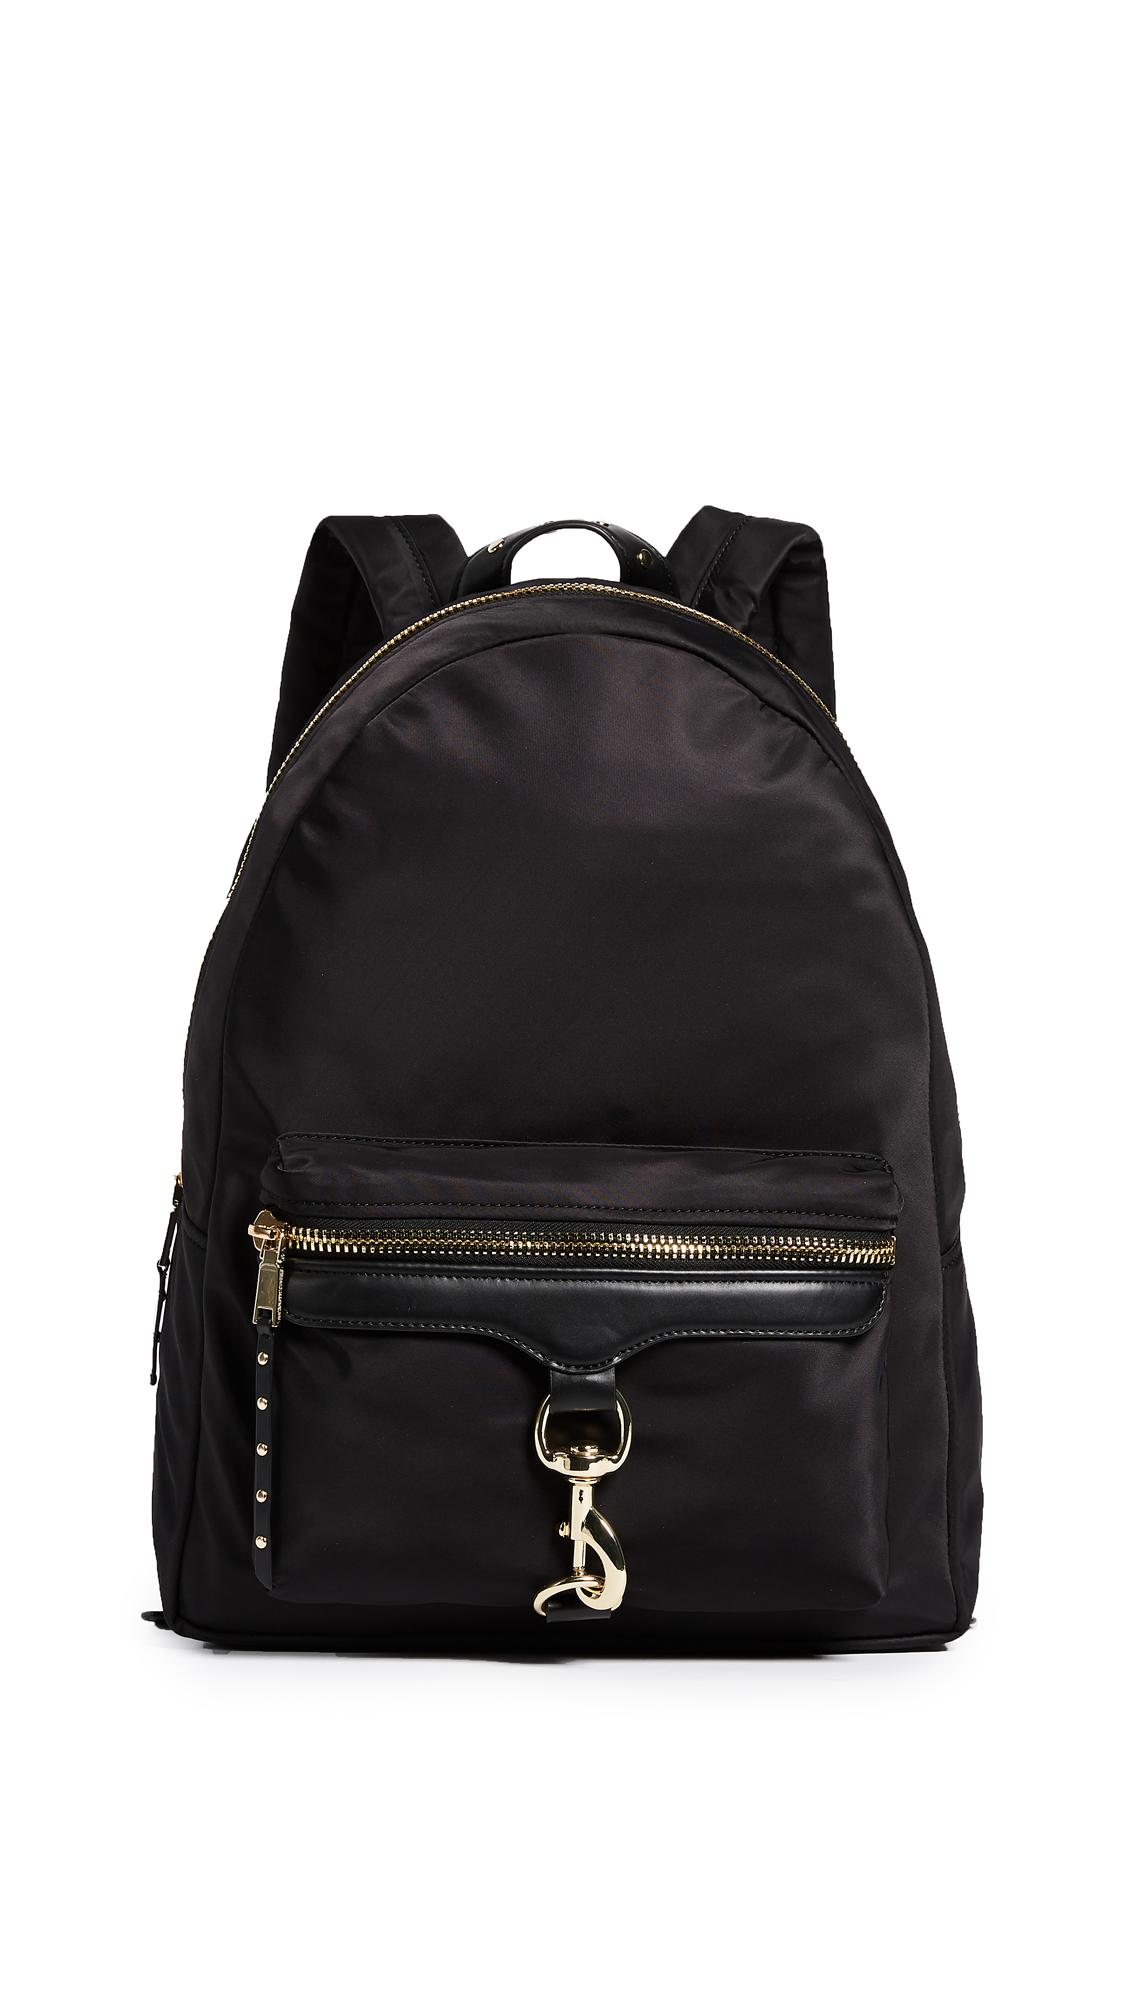 Rebecca Minkoff Always On MAB Backpack - Black